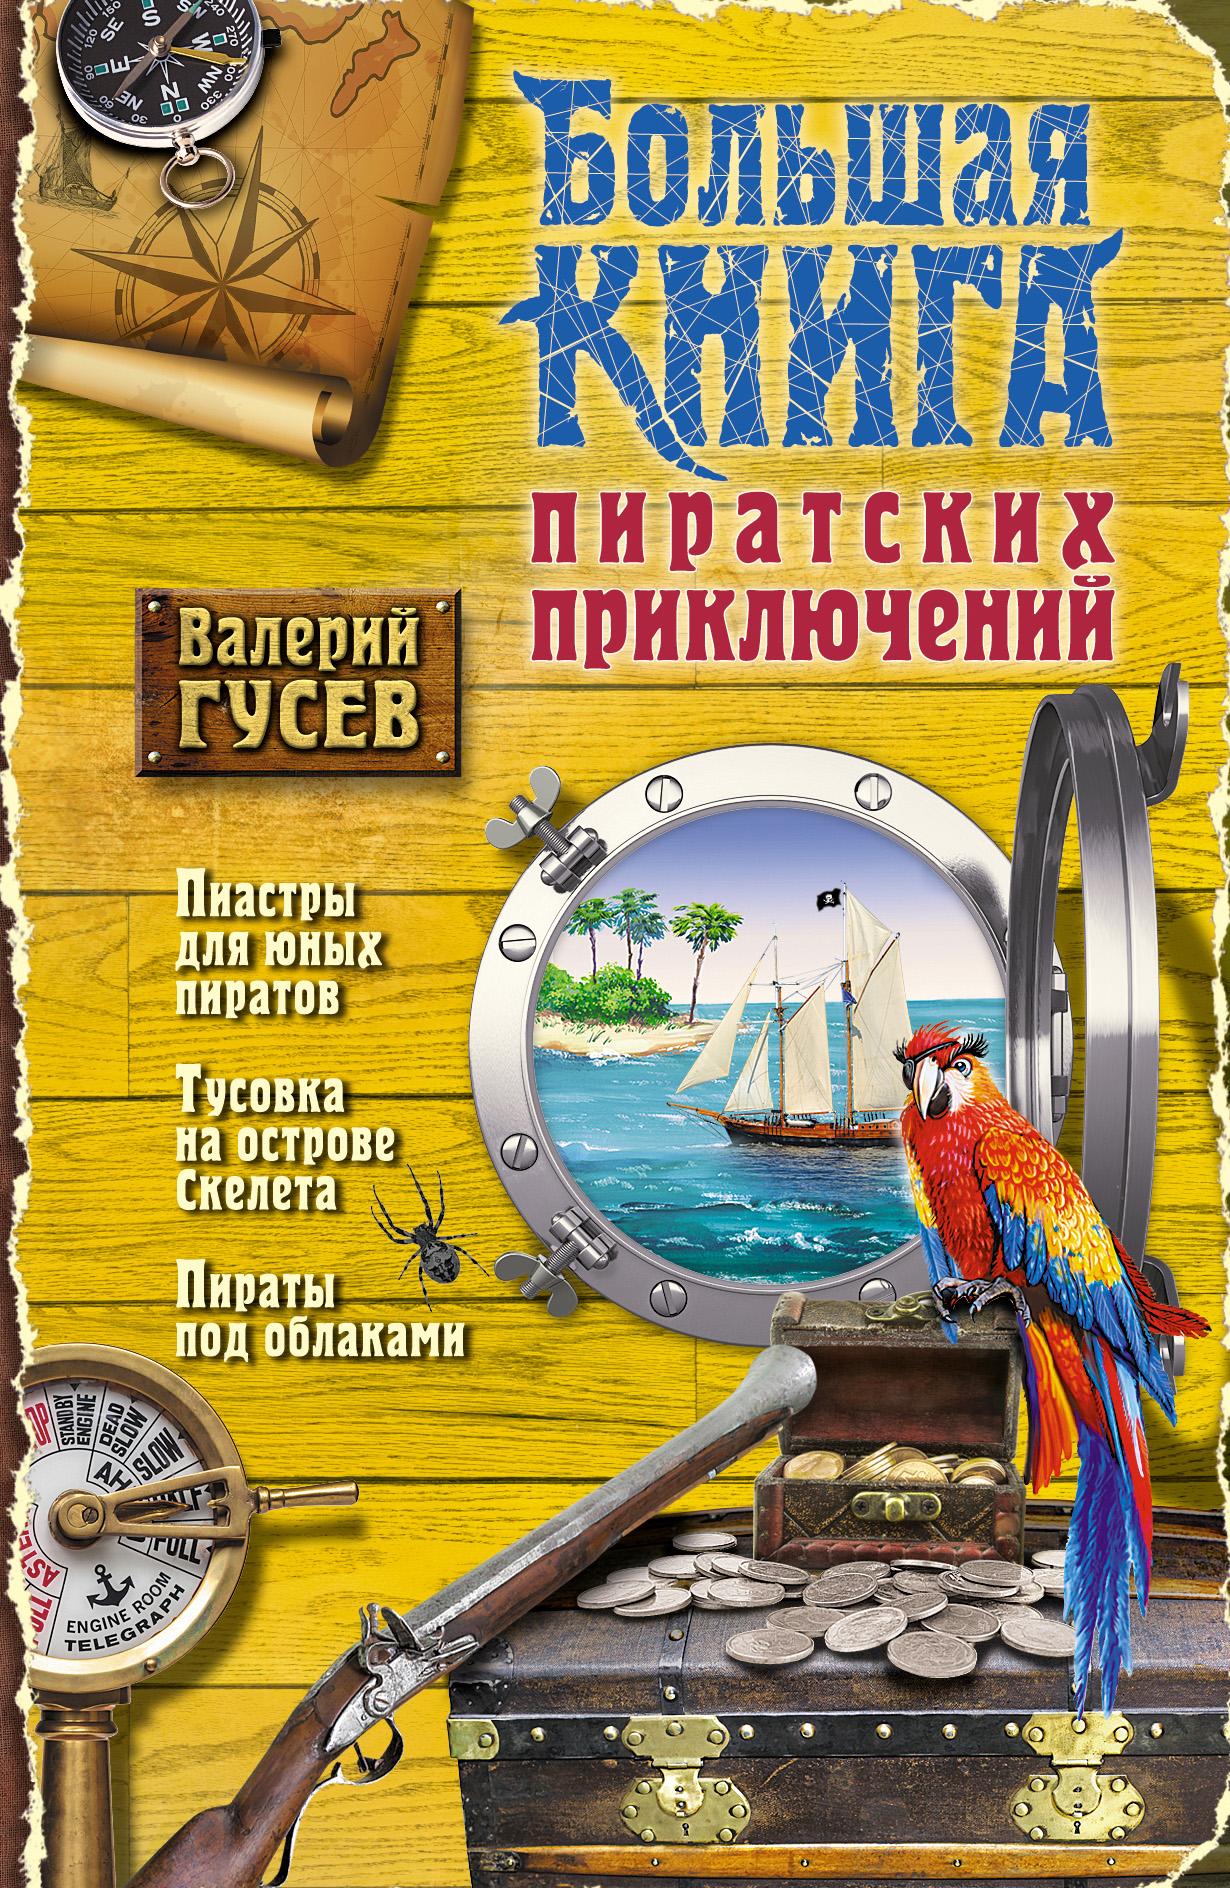 bolshaya kniga piratskikh priklyucheniy sbornik